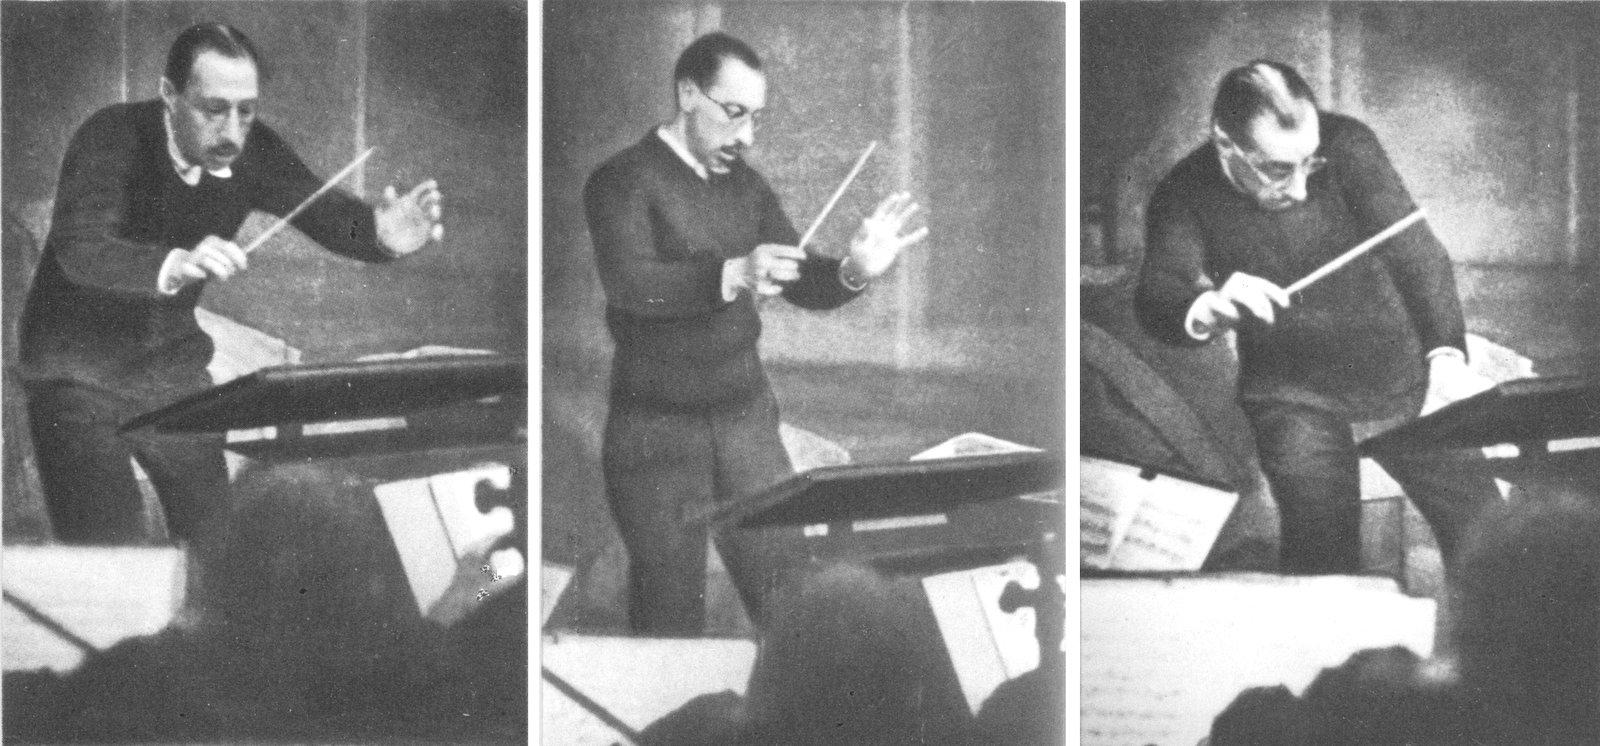 picture of stravnisky